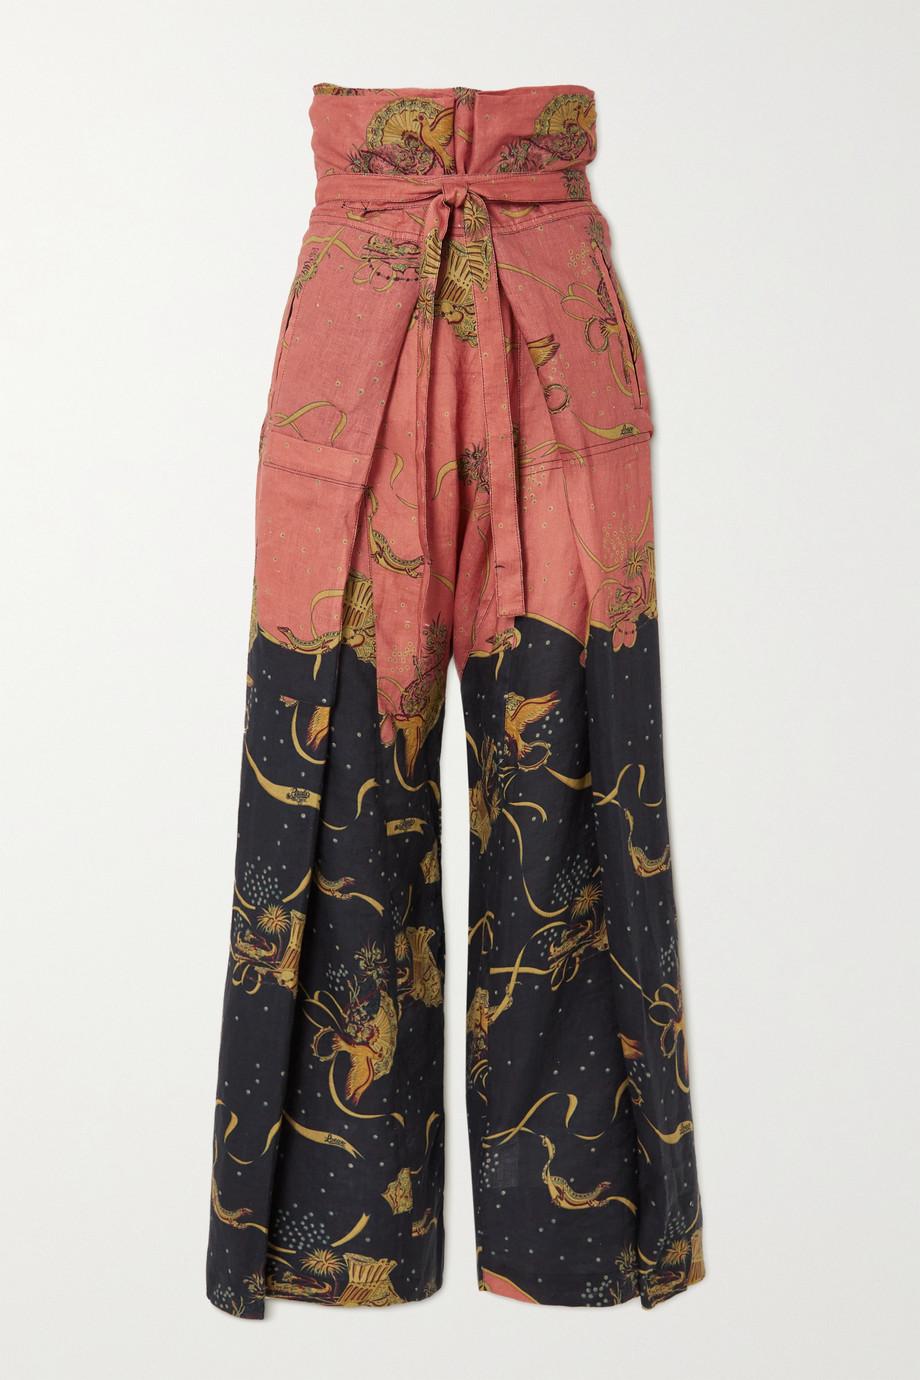 Loewe + Paula's Ibiza Hose mit weitem Bein aus einer bedruckten Leinen-Baumwollmischung mit Bindegürtel